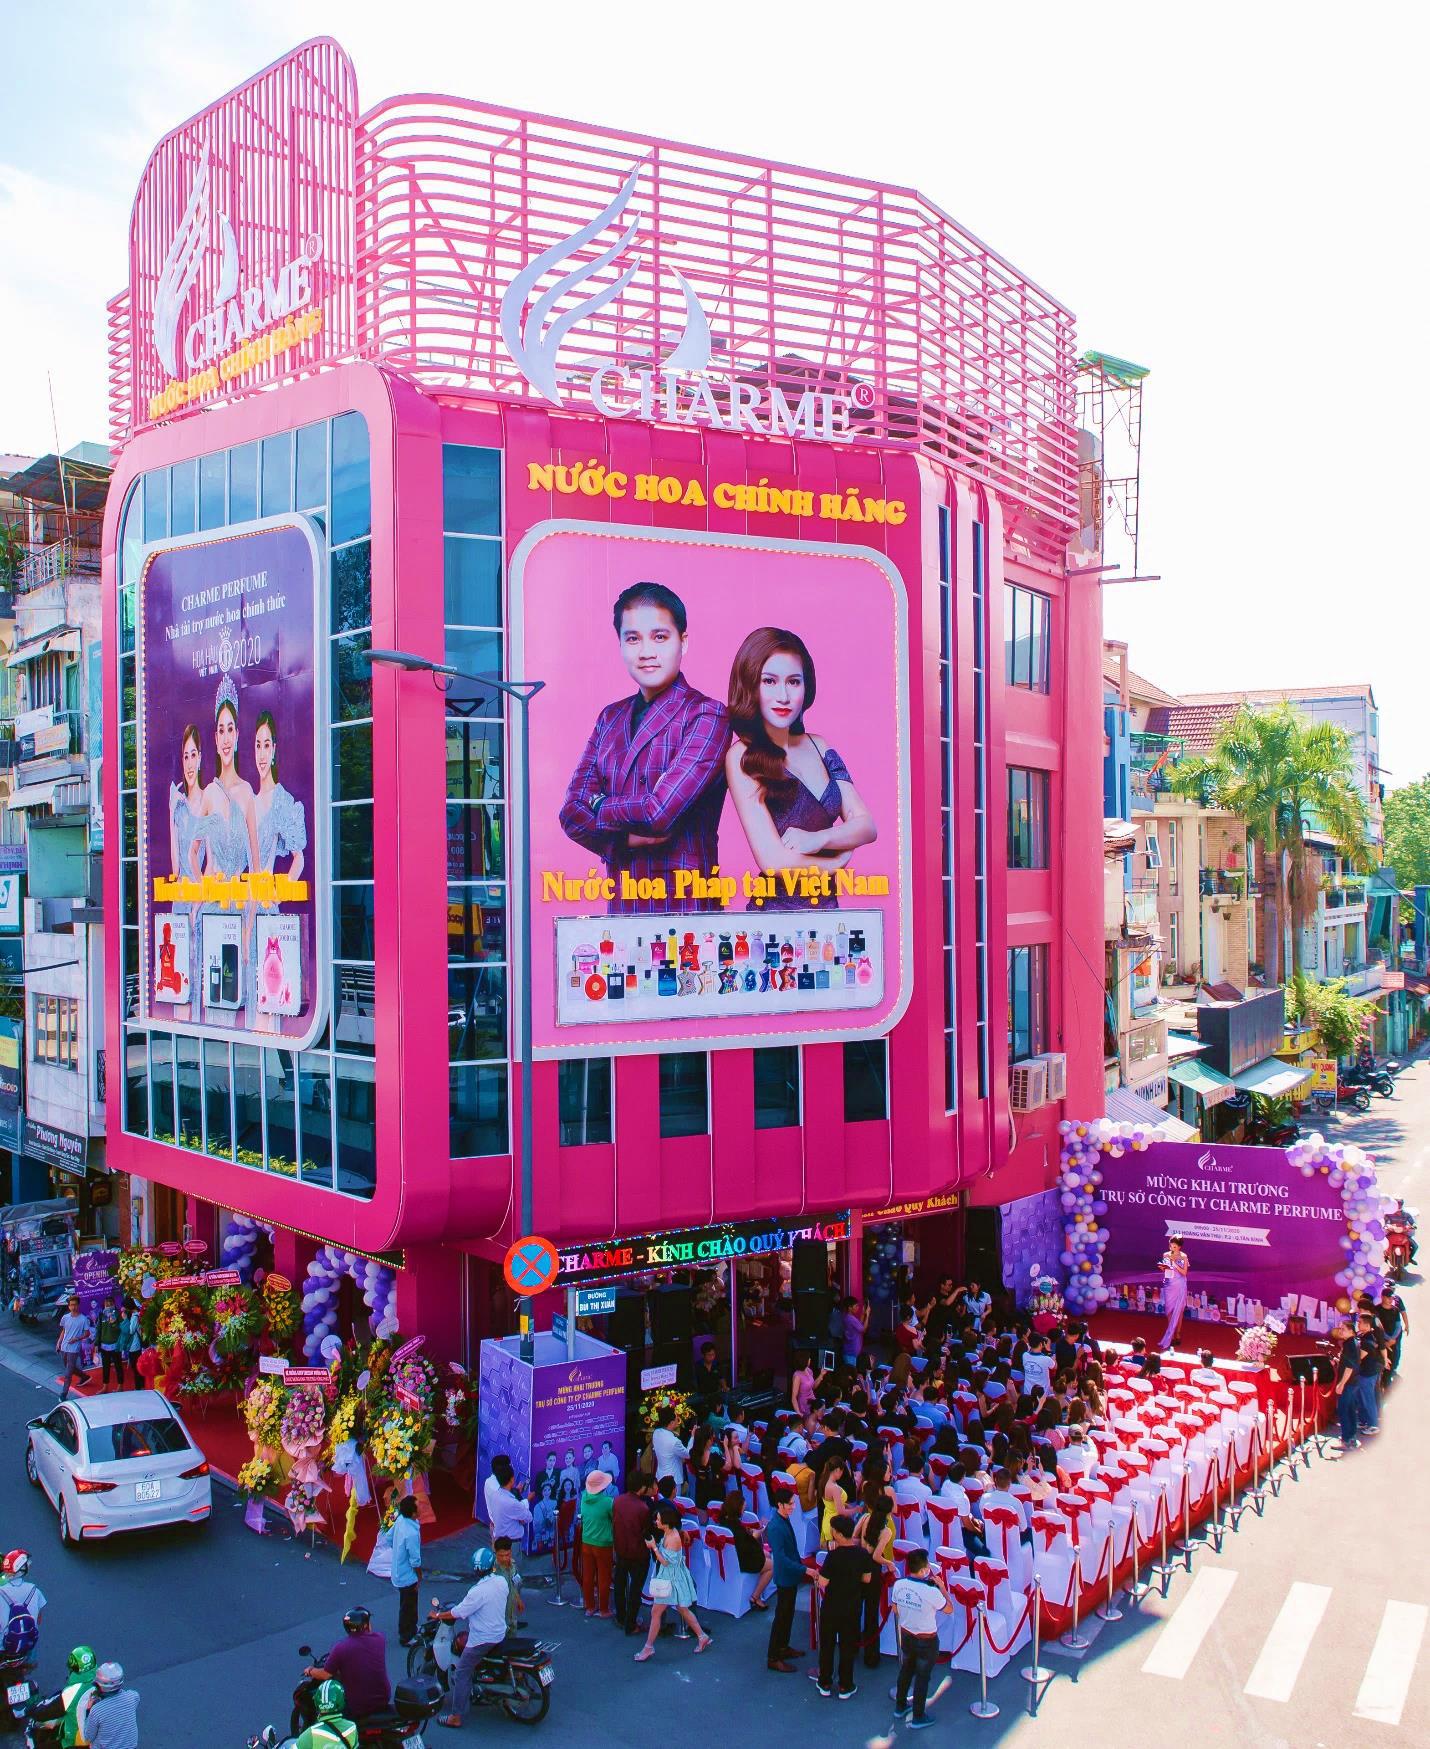 Top Hoa hậu Việt Nam 2020 đến chúc mừng nước hoa Charme khai trương trụ sở công ty tại TP.HCM - Ảnh 1.